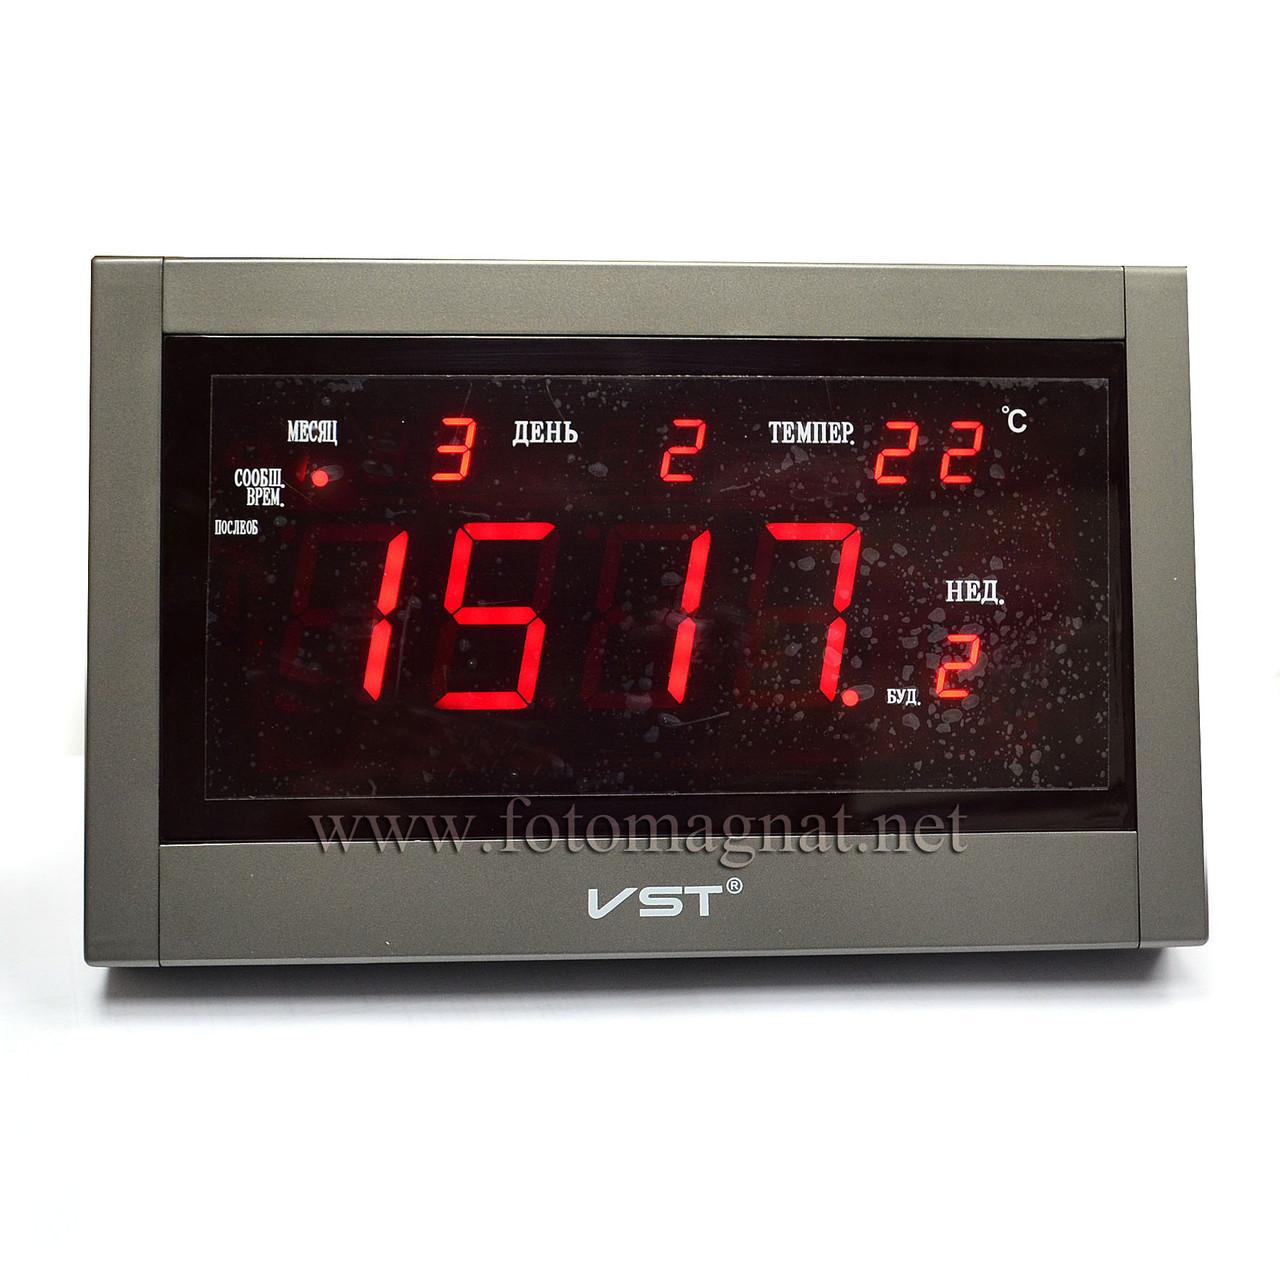 Говорящие сетевые часы VST 771 Т-1 — Настольное и настенное крепление